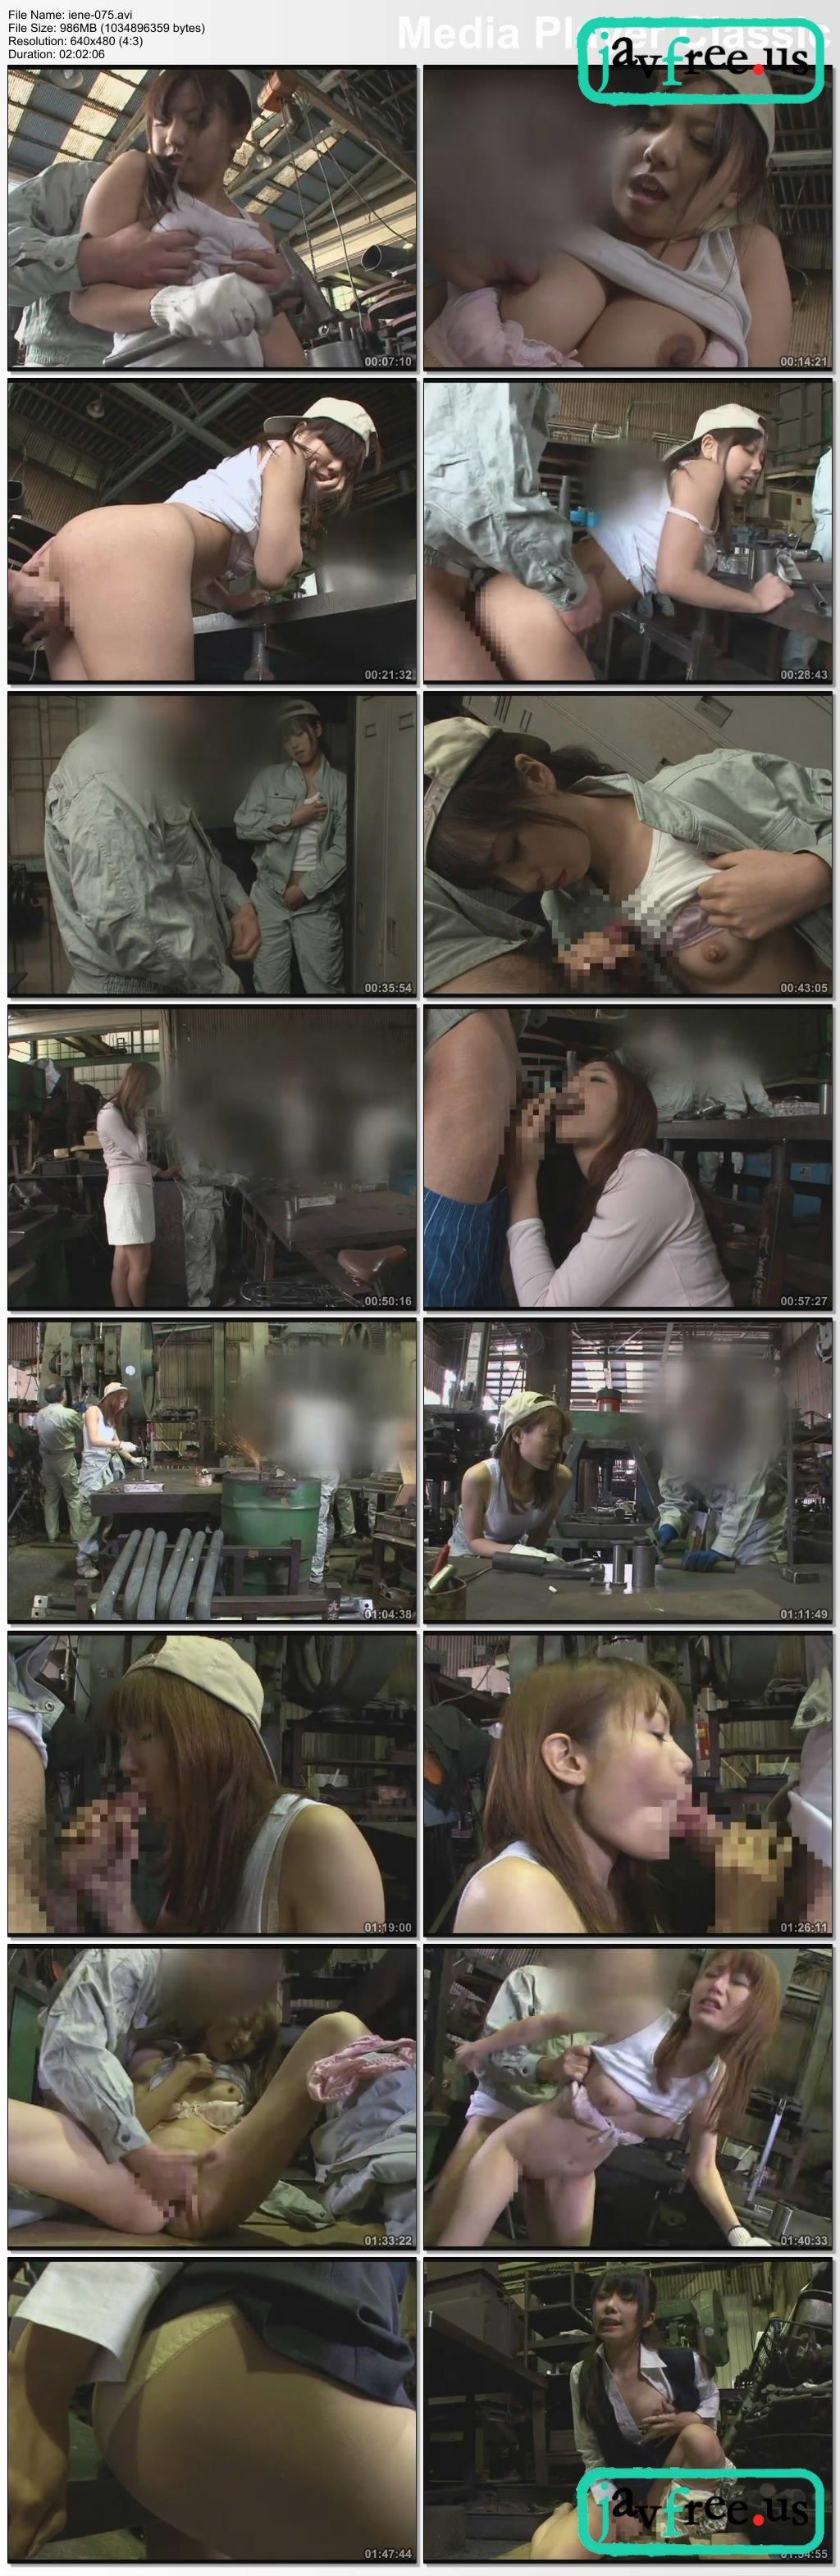 [IENE 075] 町工場で働く汗と油にまみれたクサイおやじのチ○ポも拒めない!本当は美人なのに控えめ女子 2 IENE